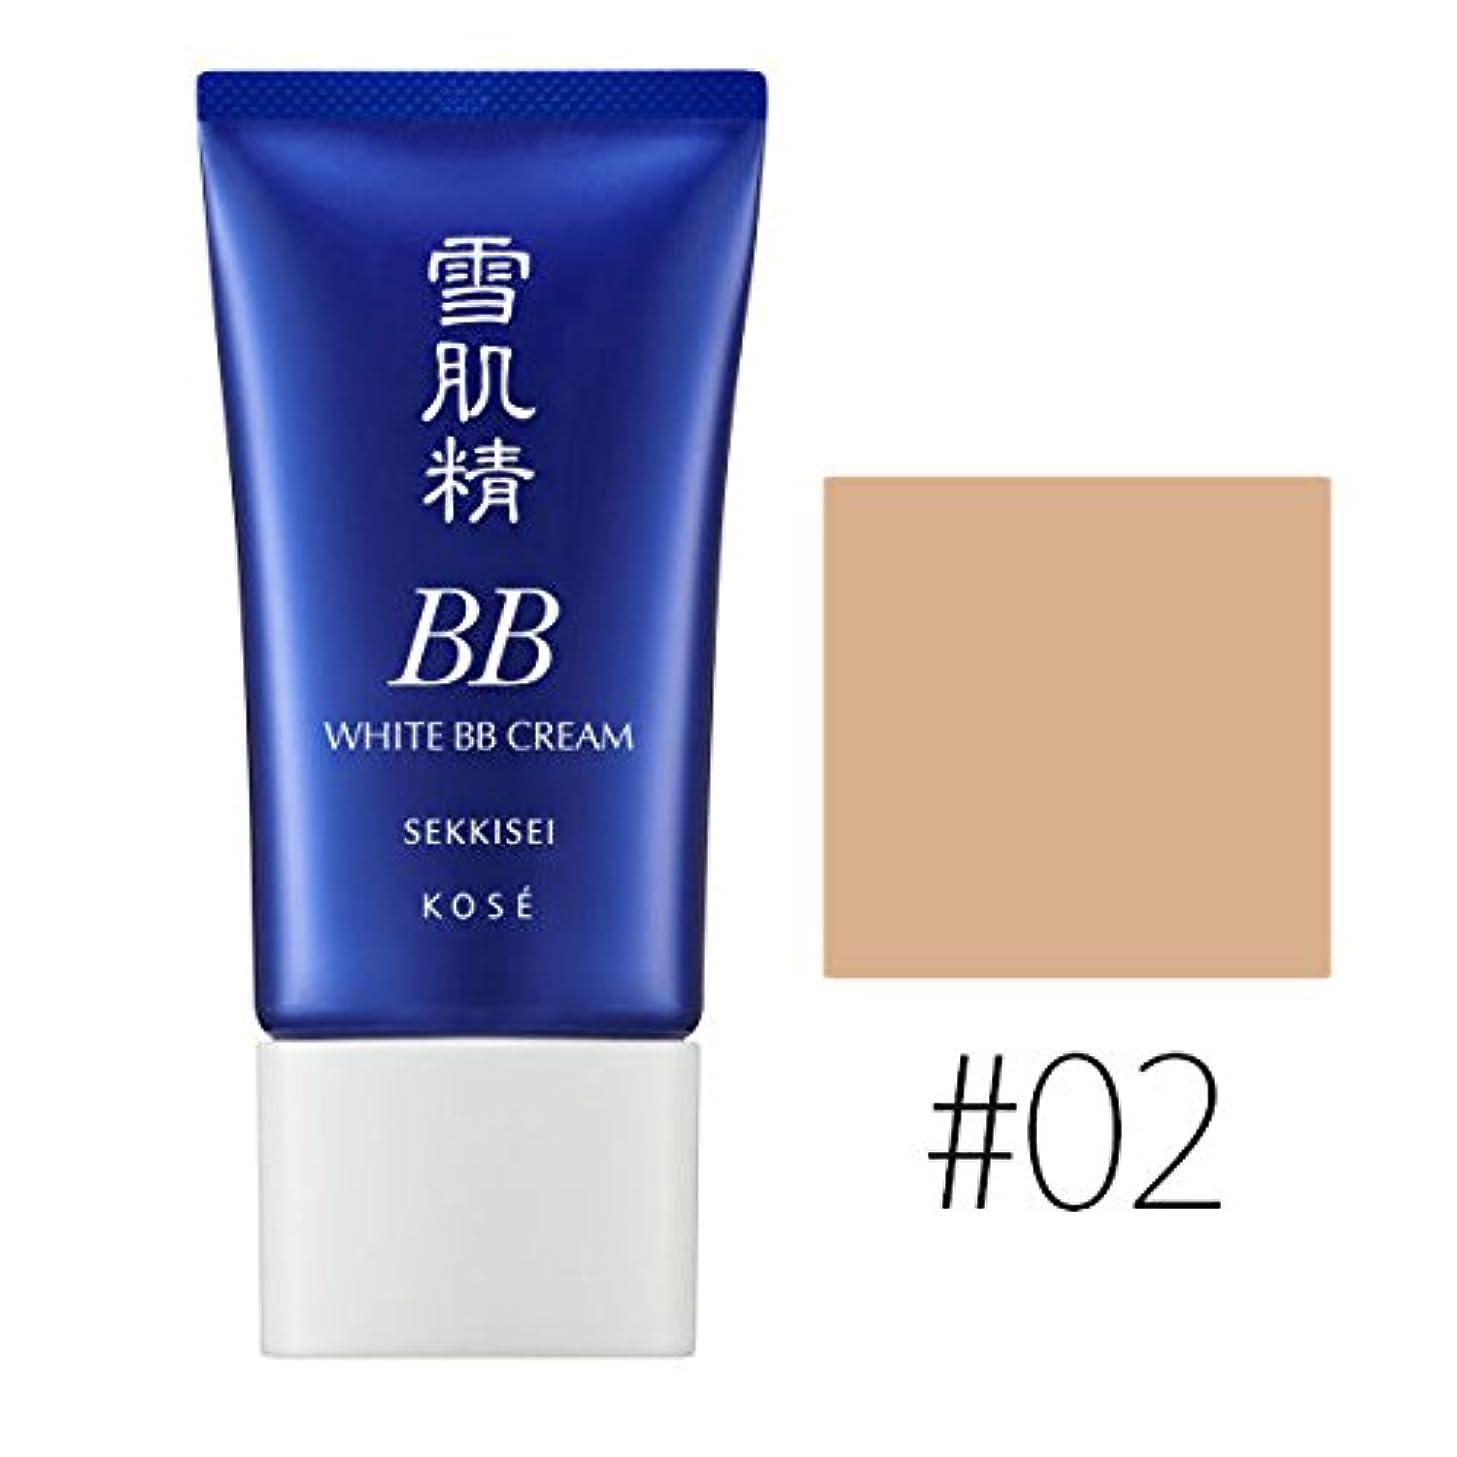 死にかけている適切な収縮コーセー 雪肌精 ホワイト BBクリーム【#02】 #OCHRE SPF40/PA+++ 30g